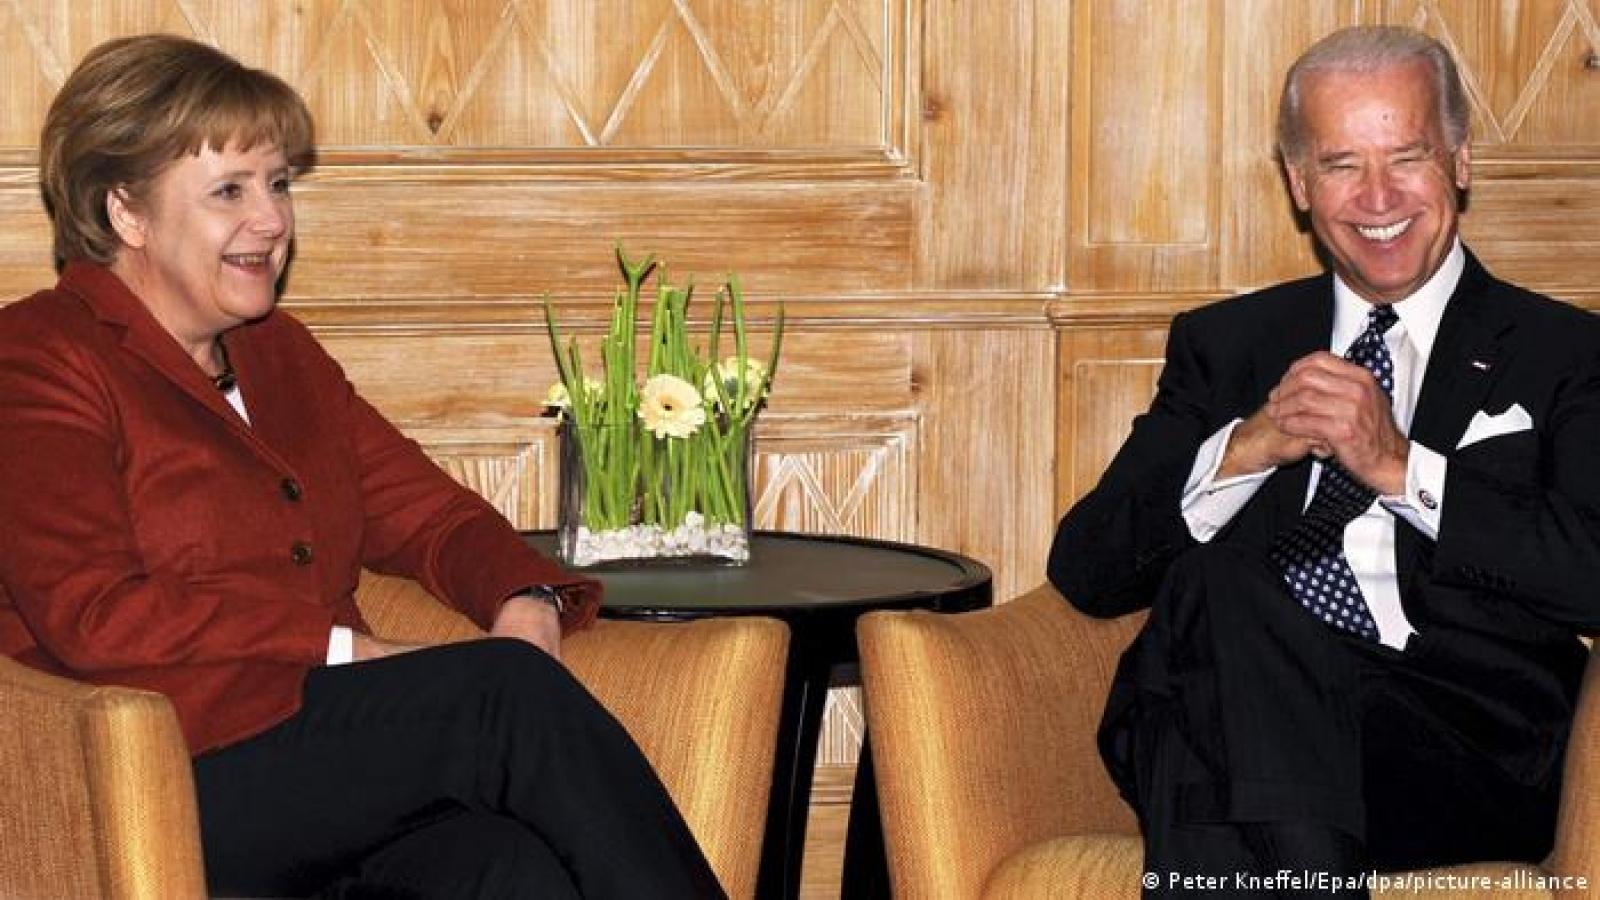 Thủ tướng Đức thăm Mỹ: Chuyến thăm mang tính biểu tượng kết nối 2 bờ Đại Tây Dương